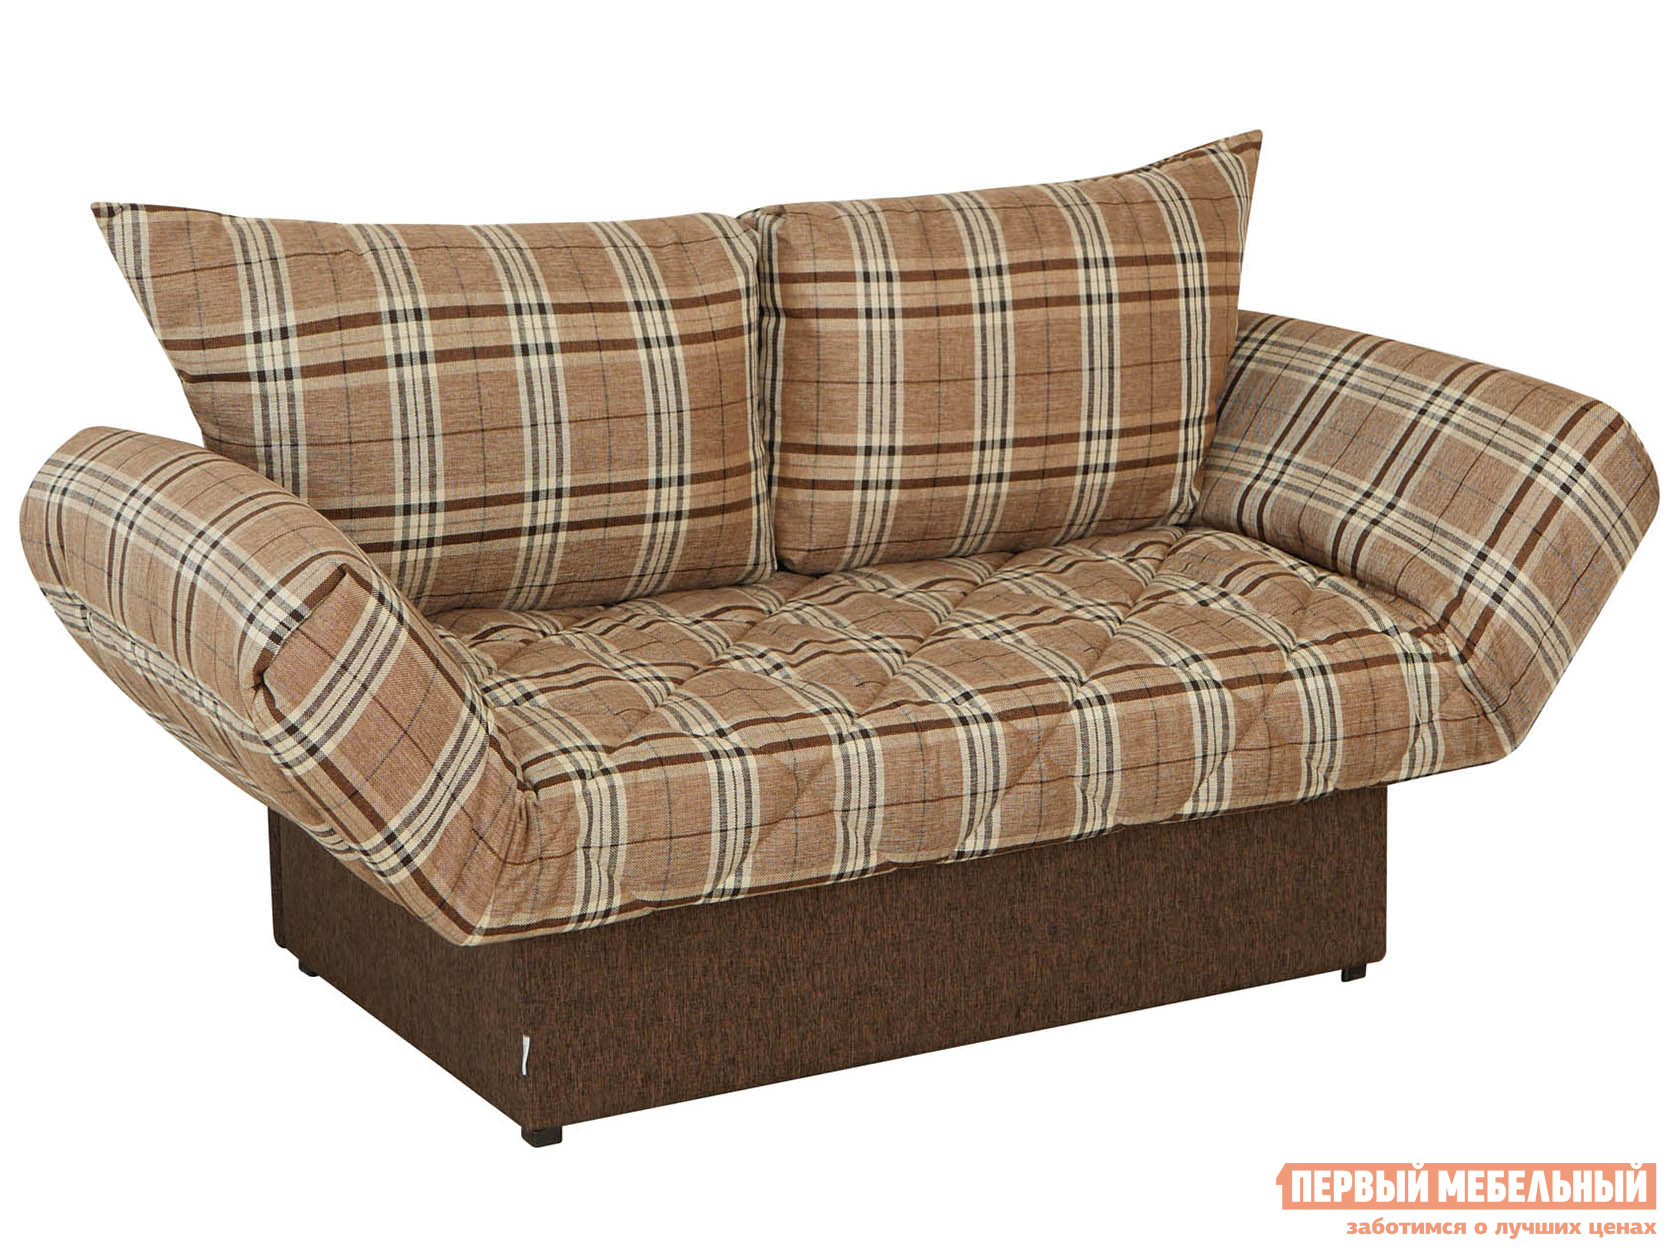 Прямой диван Первый Мебельный Прямой диван Джим